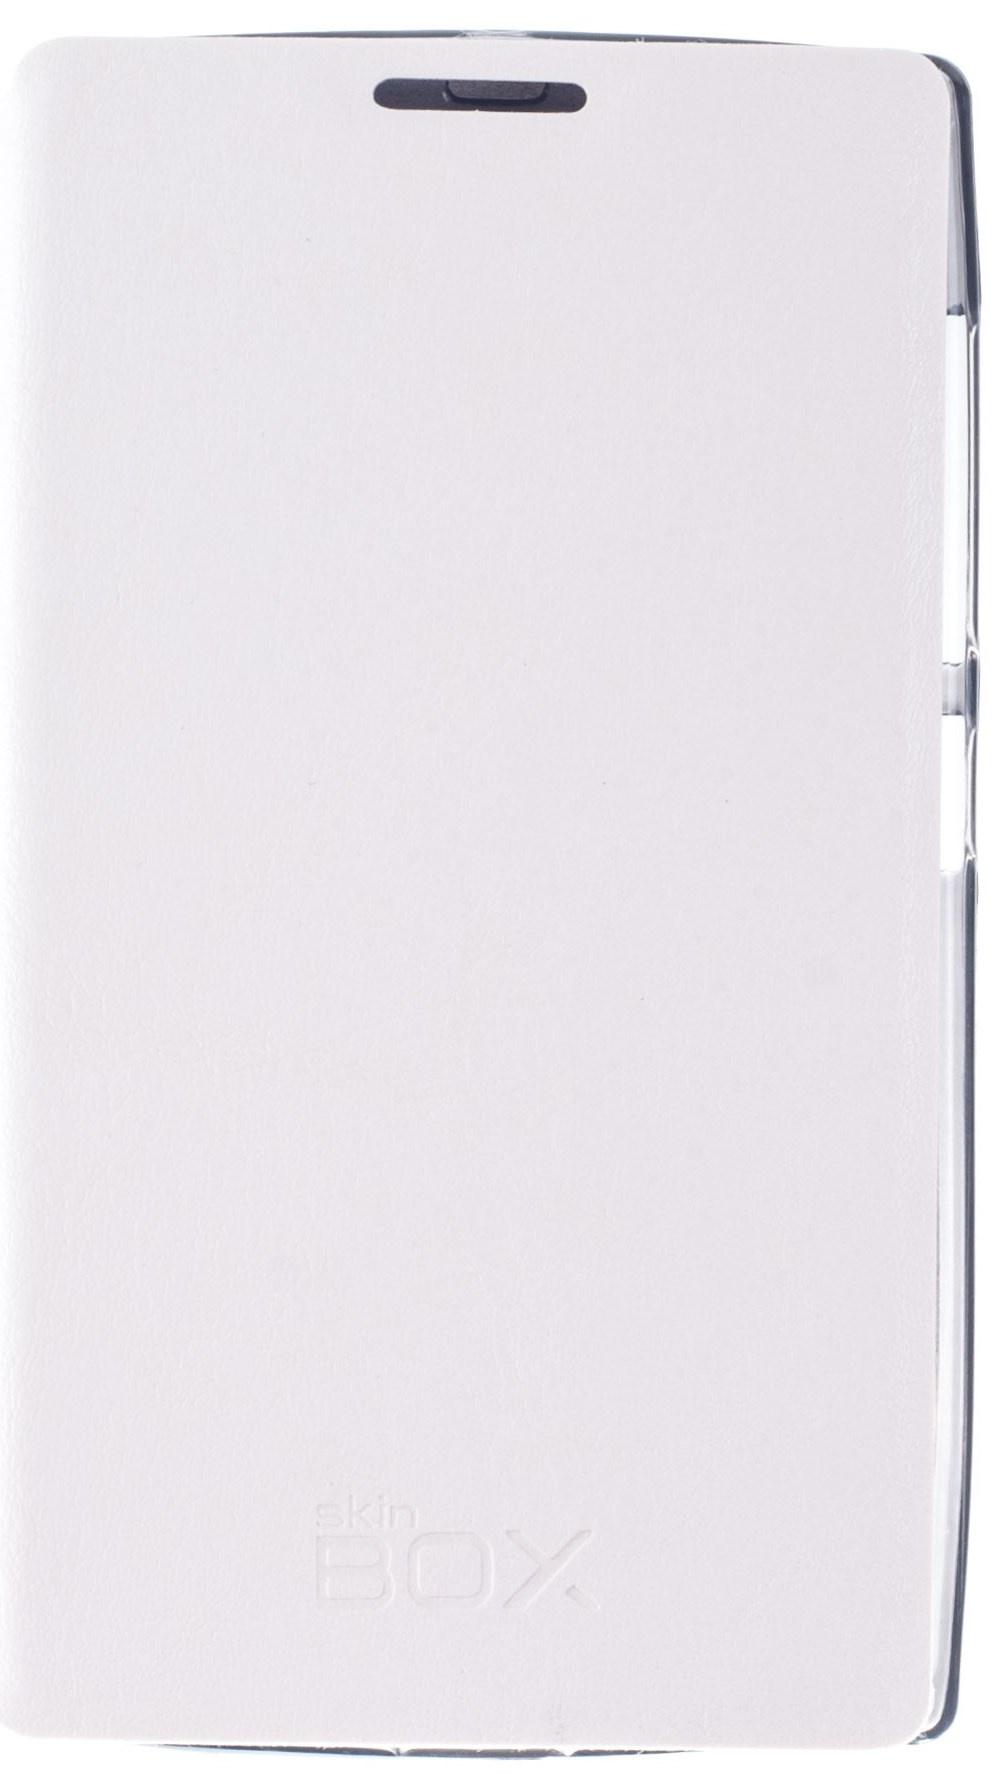 Чехол для сотового телефона skinBOX Lux, 4630042526761, белый nokia cc 3096 чехол для lumia 435 532